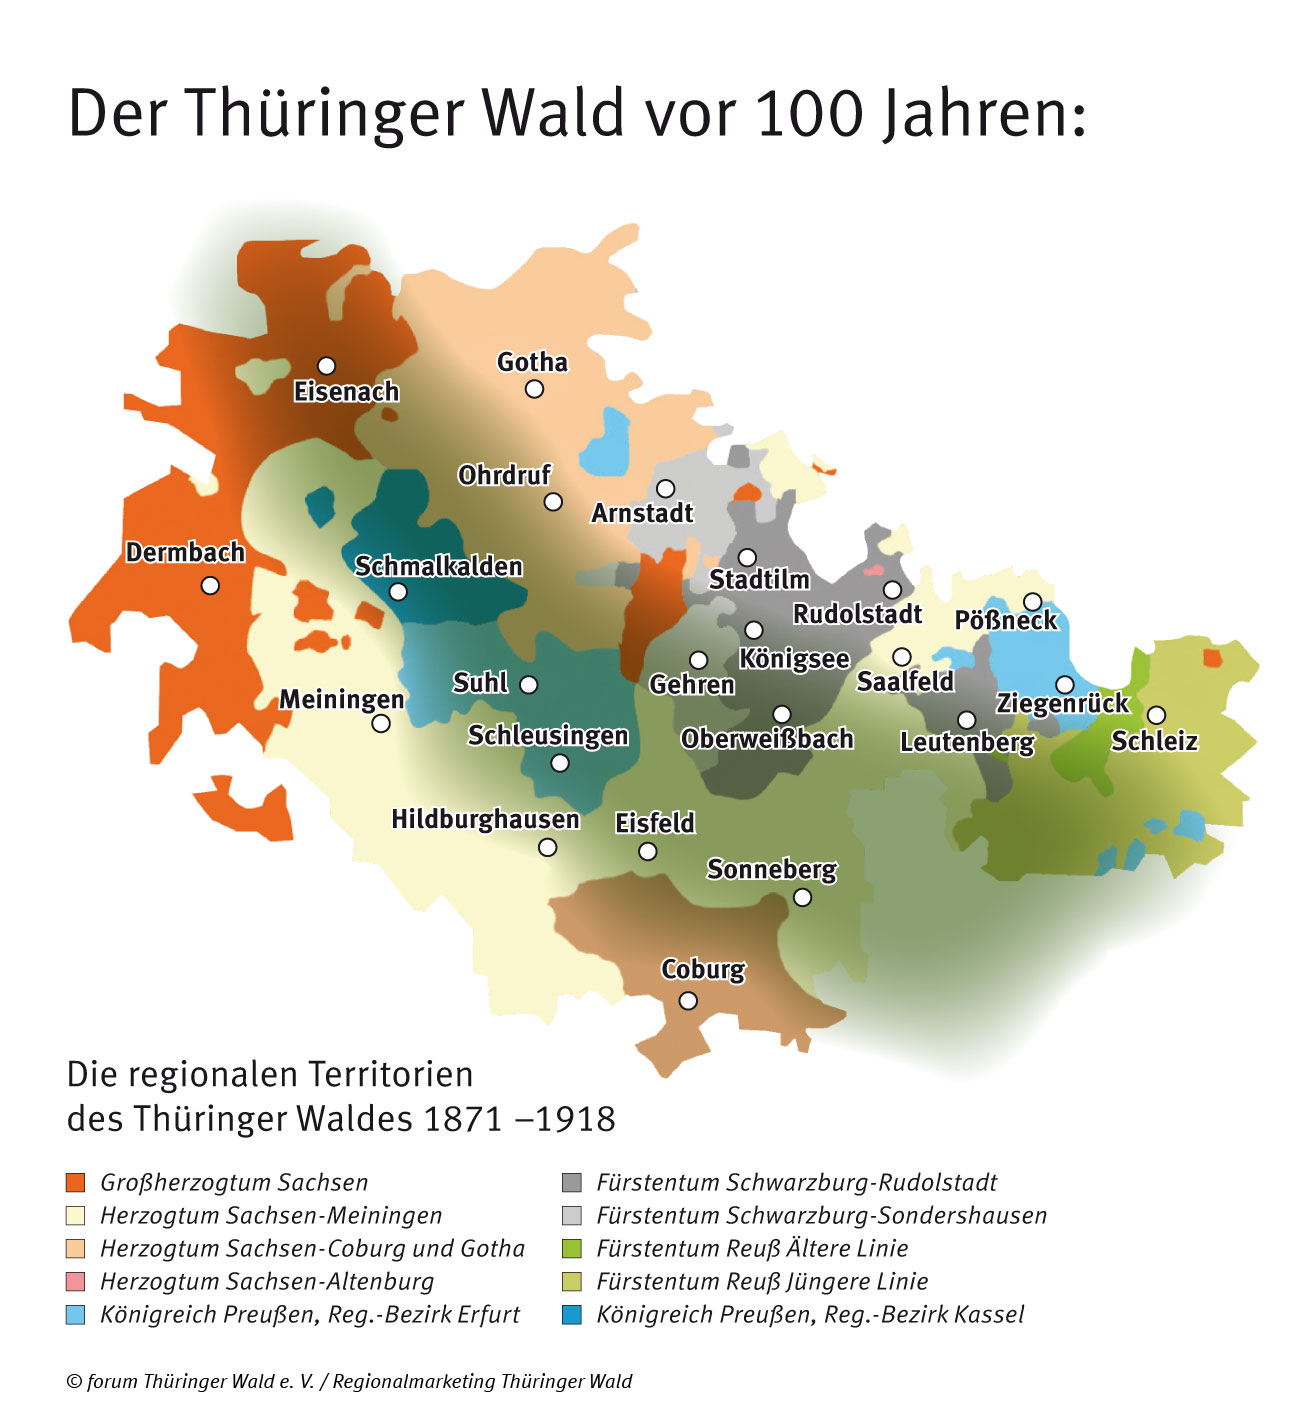 Die regionalen Territorien des Thüringer Waldes vor 100 Jahren